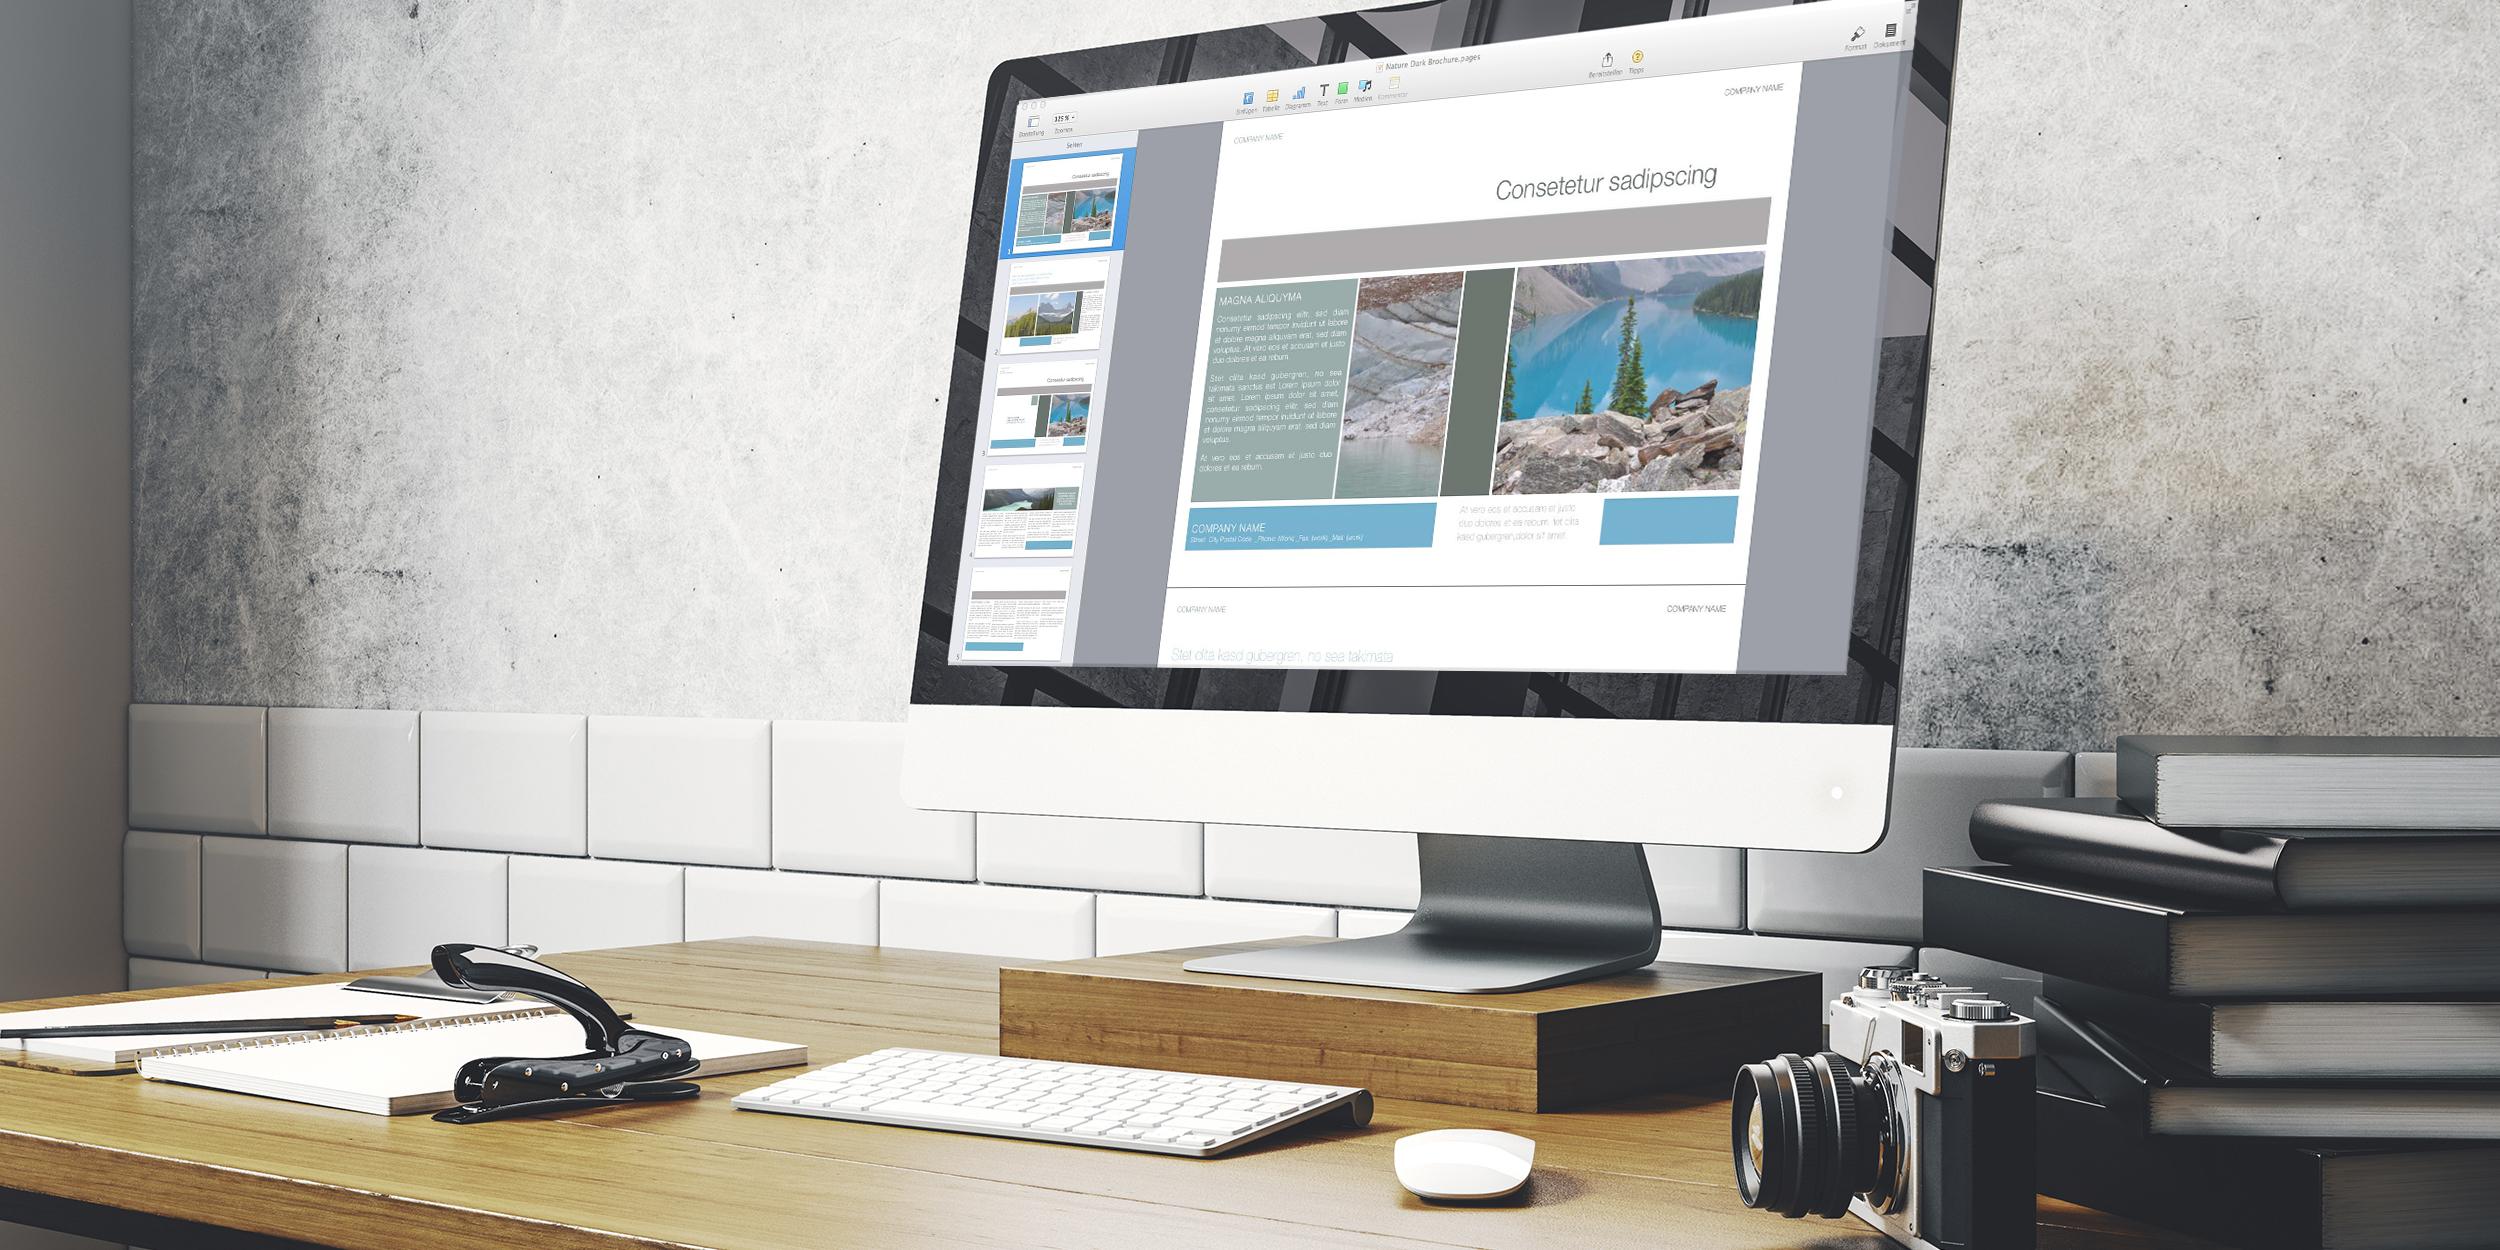 6 сервисов для быстрой оптимизации изображений перед публикацией